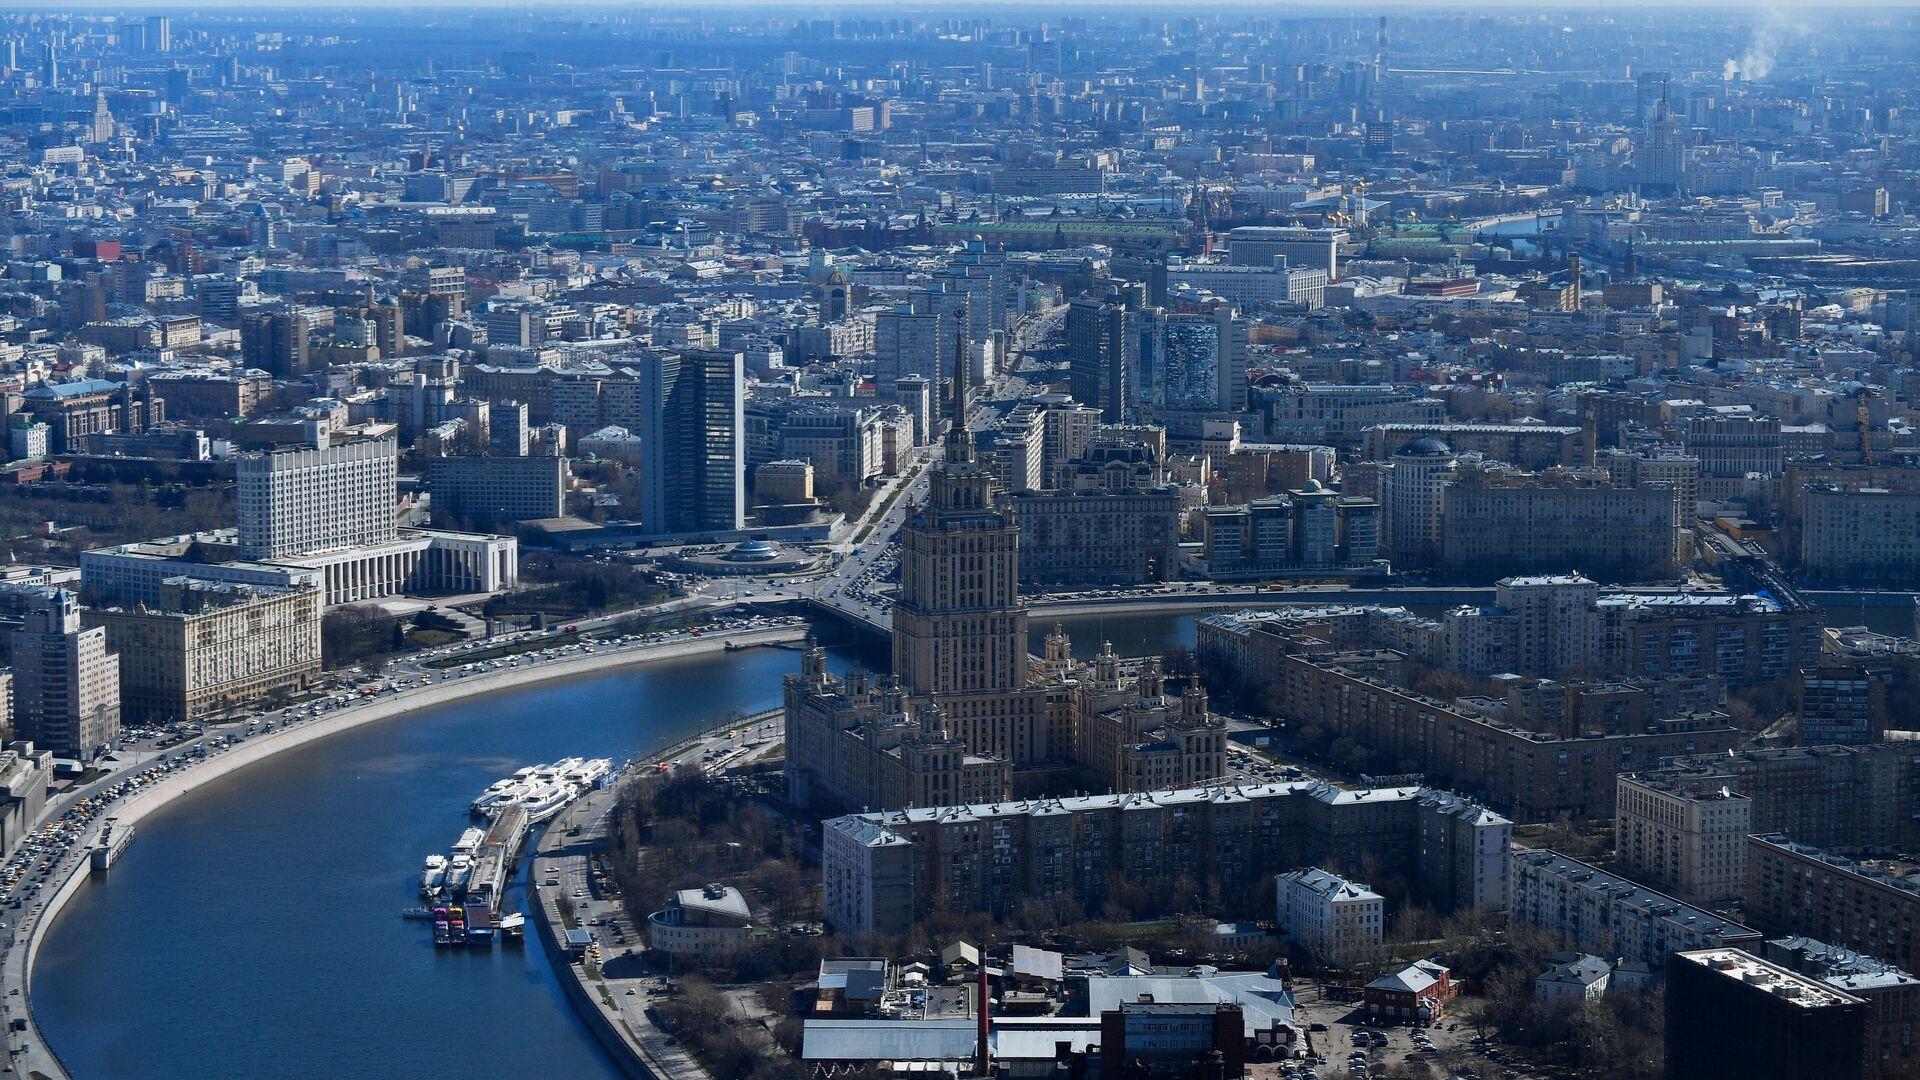 Эксперт: Москва будет мировым финансовым центром, если рубль станет инвестиционной валютой